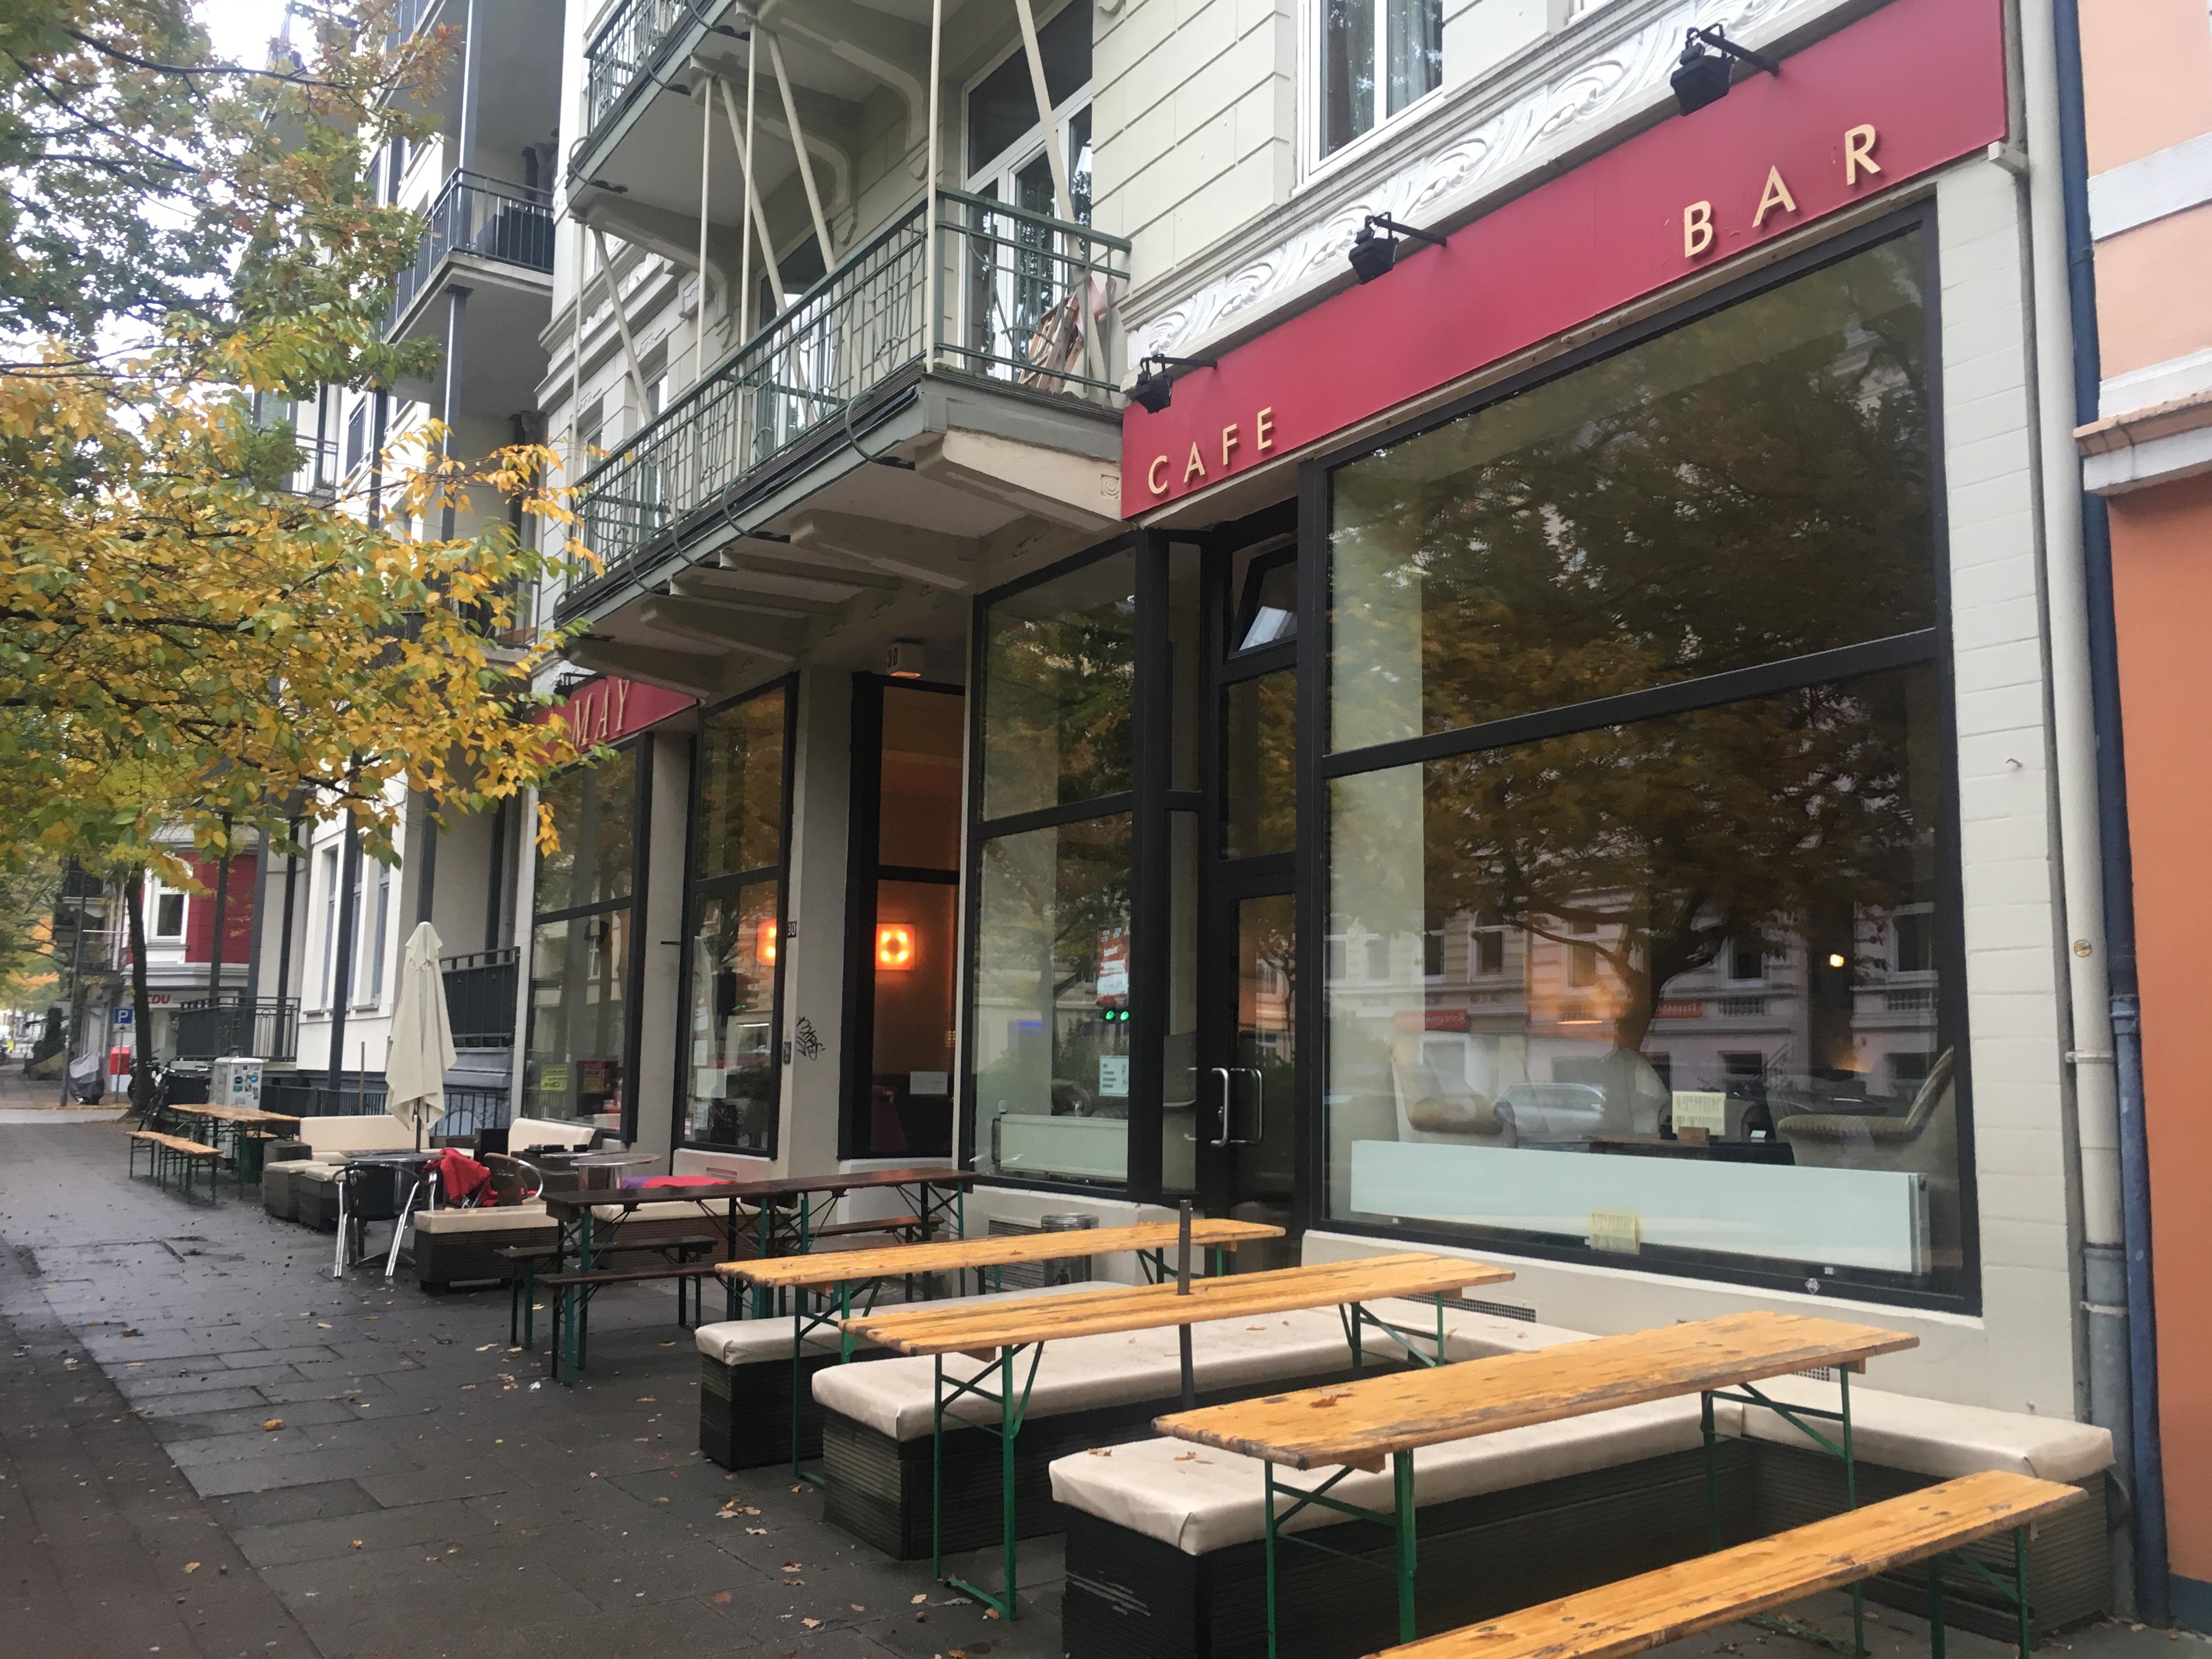 Cafe May Eimsbüttel außen 3